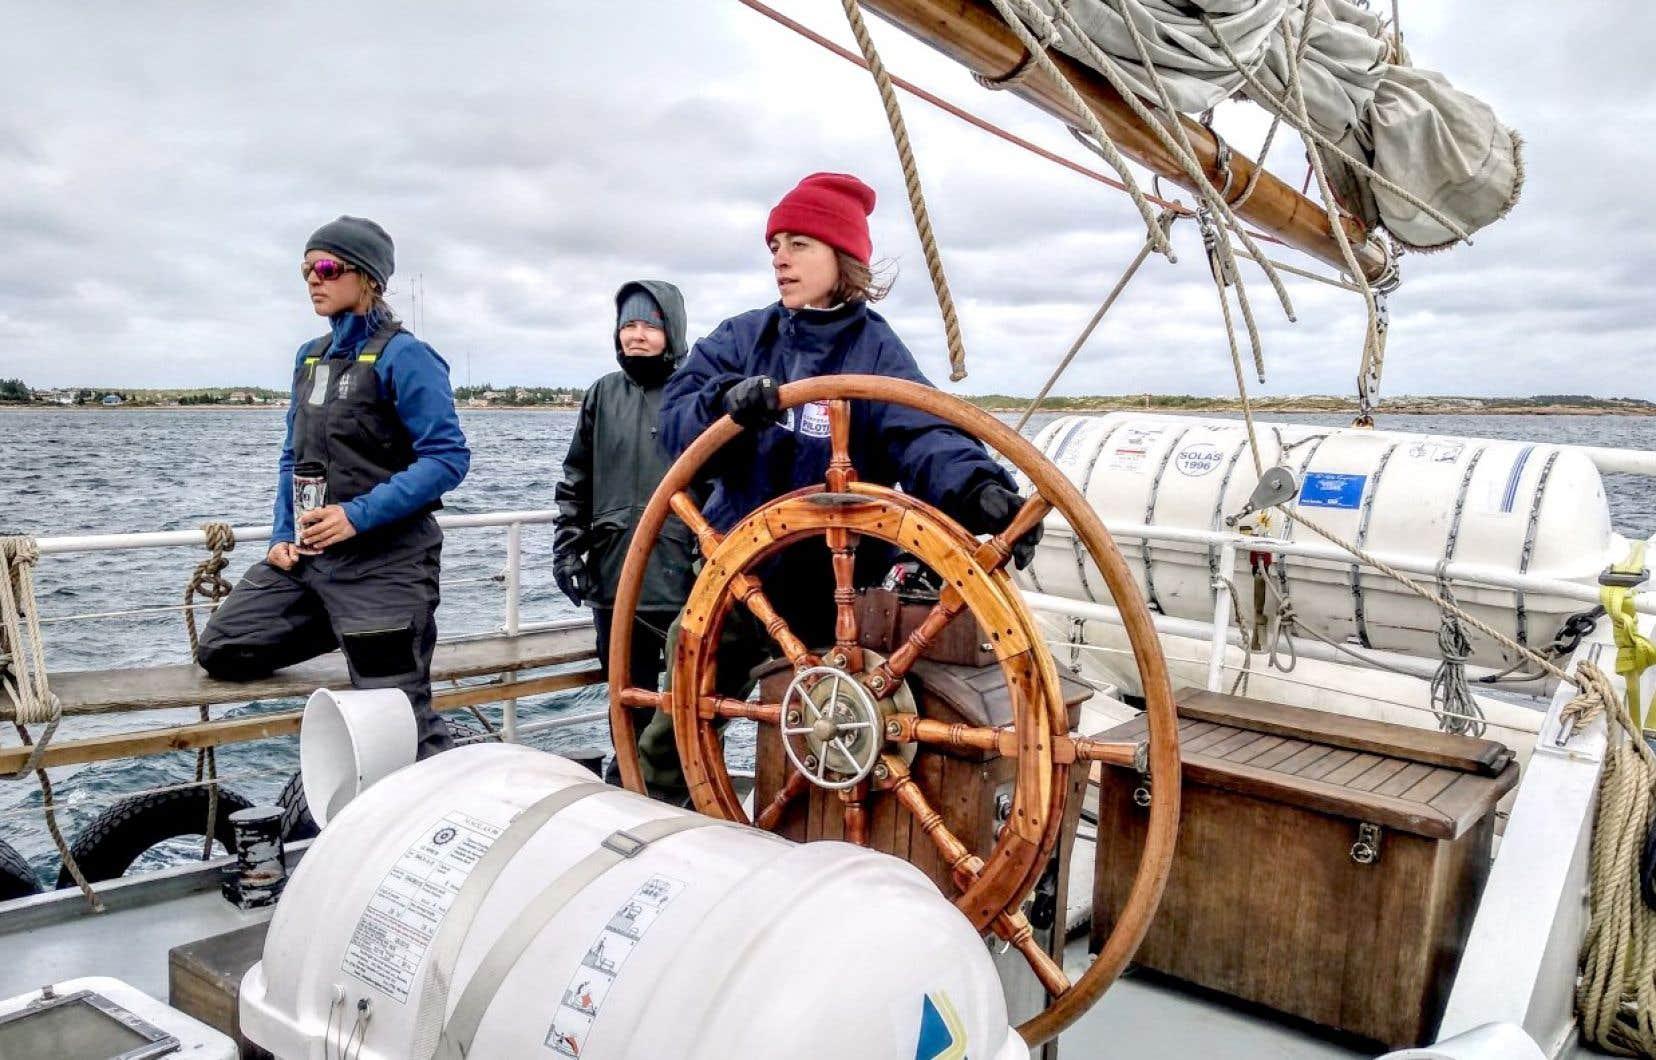 Bienvenue sur l'ÉcoMaris, le voilier-école unique en son genre qui convie les Québécois à découvrir leur province en devenant des marins de circonstance.